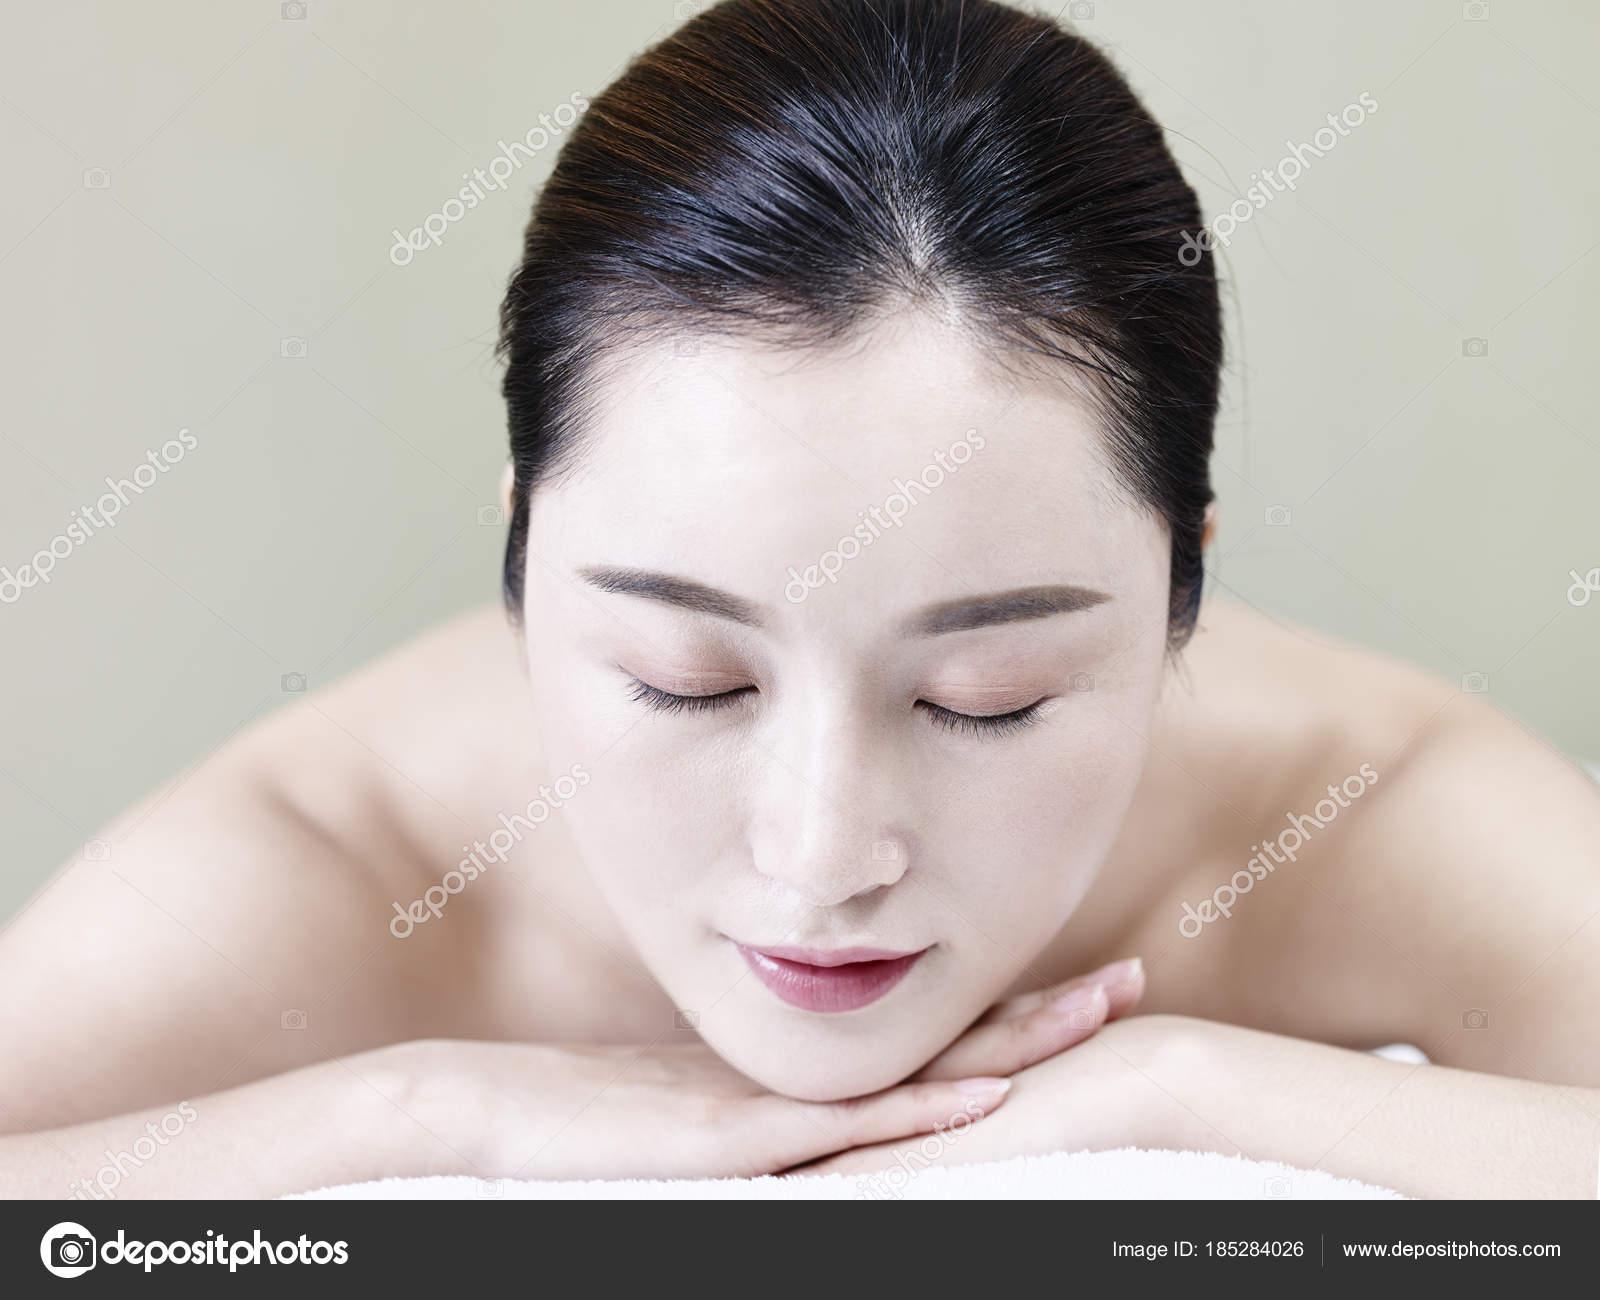 Asiatische Geschlechter herunterladen